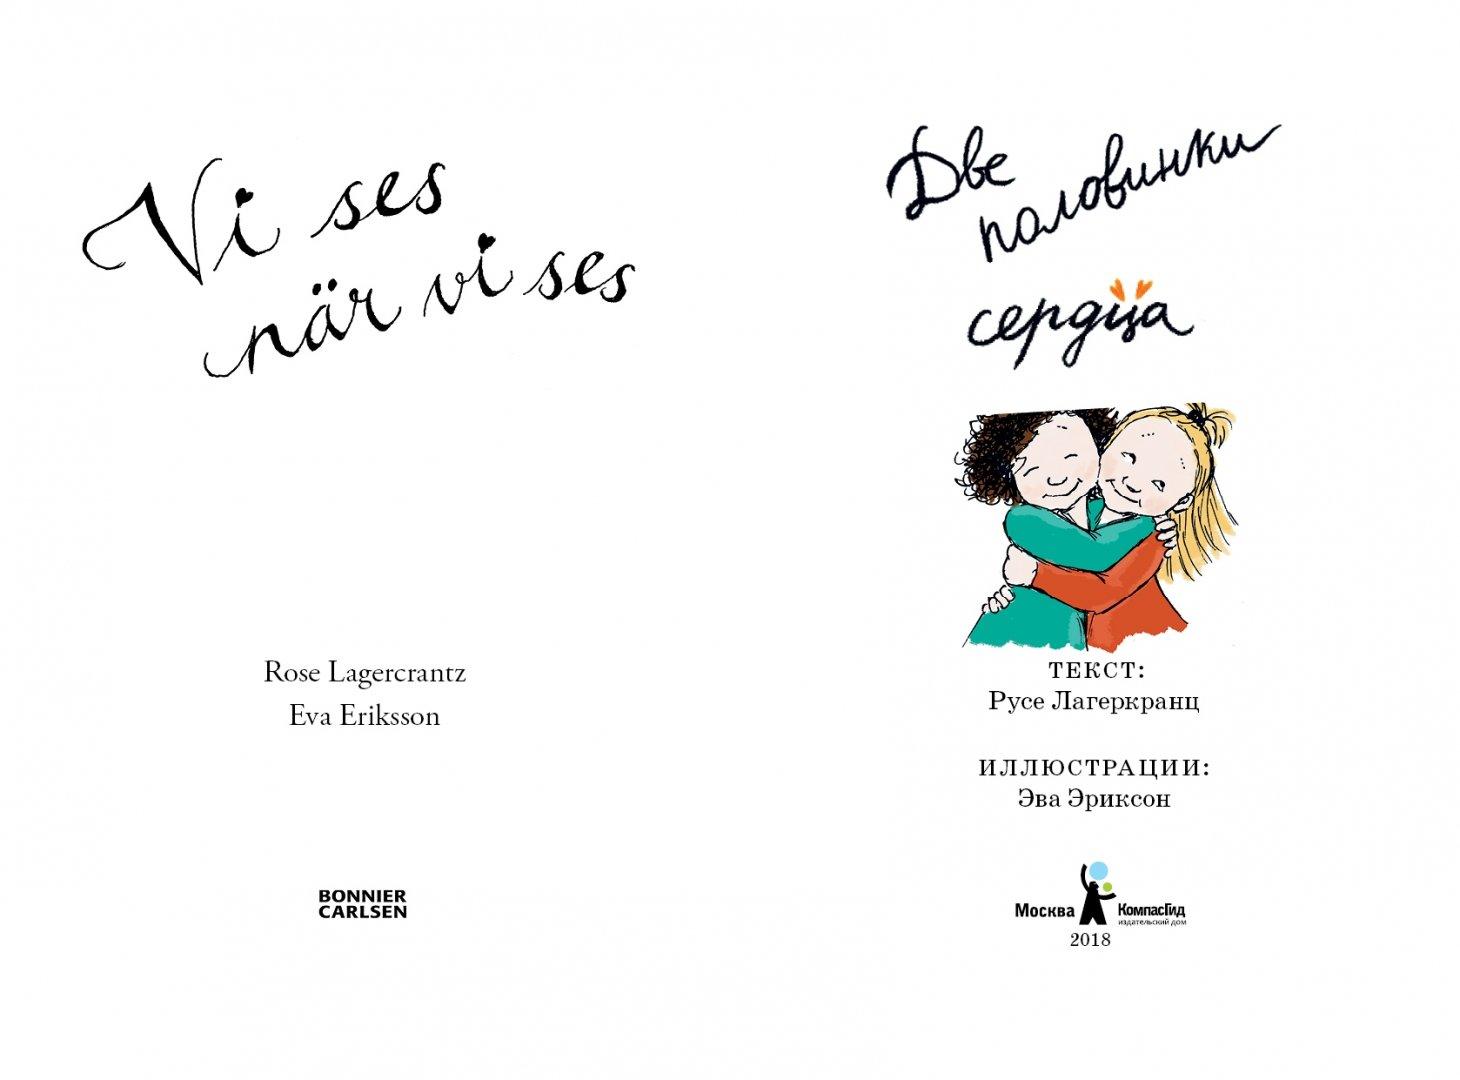 Иллюстрация 1 из 18 для Две половинки сердца - Русе Лагеркранц | Лабиринт - книги. Источник: Лабиринт